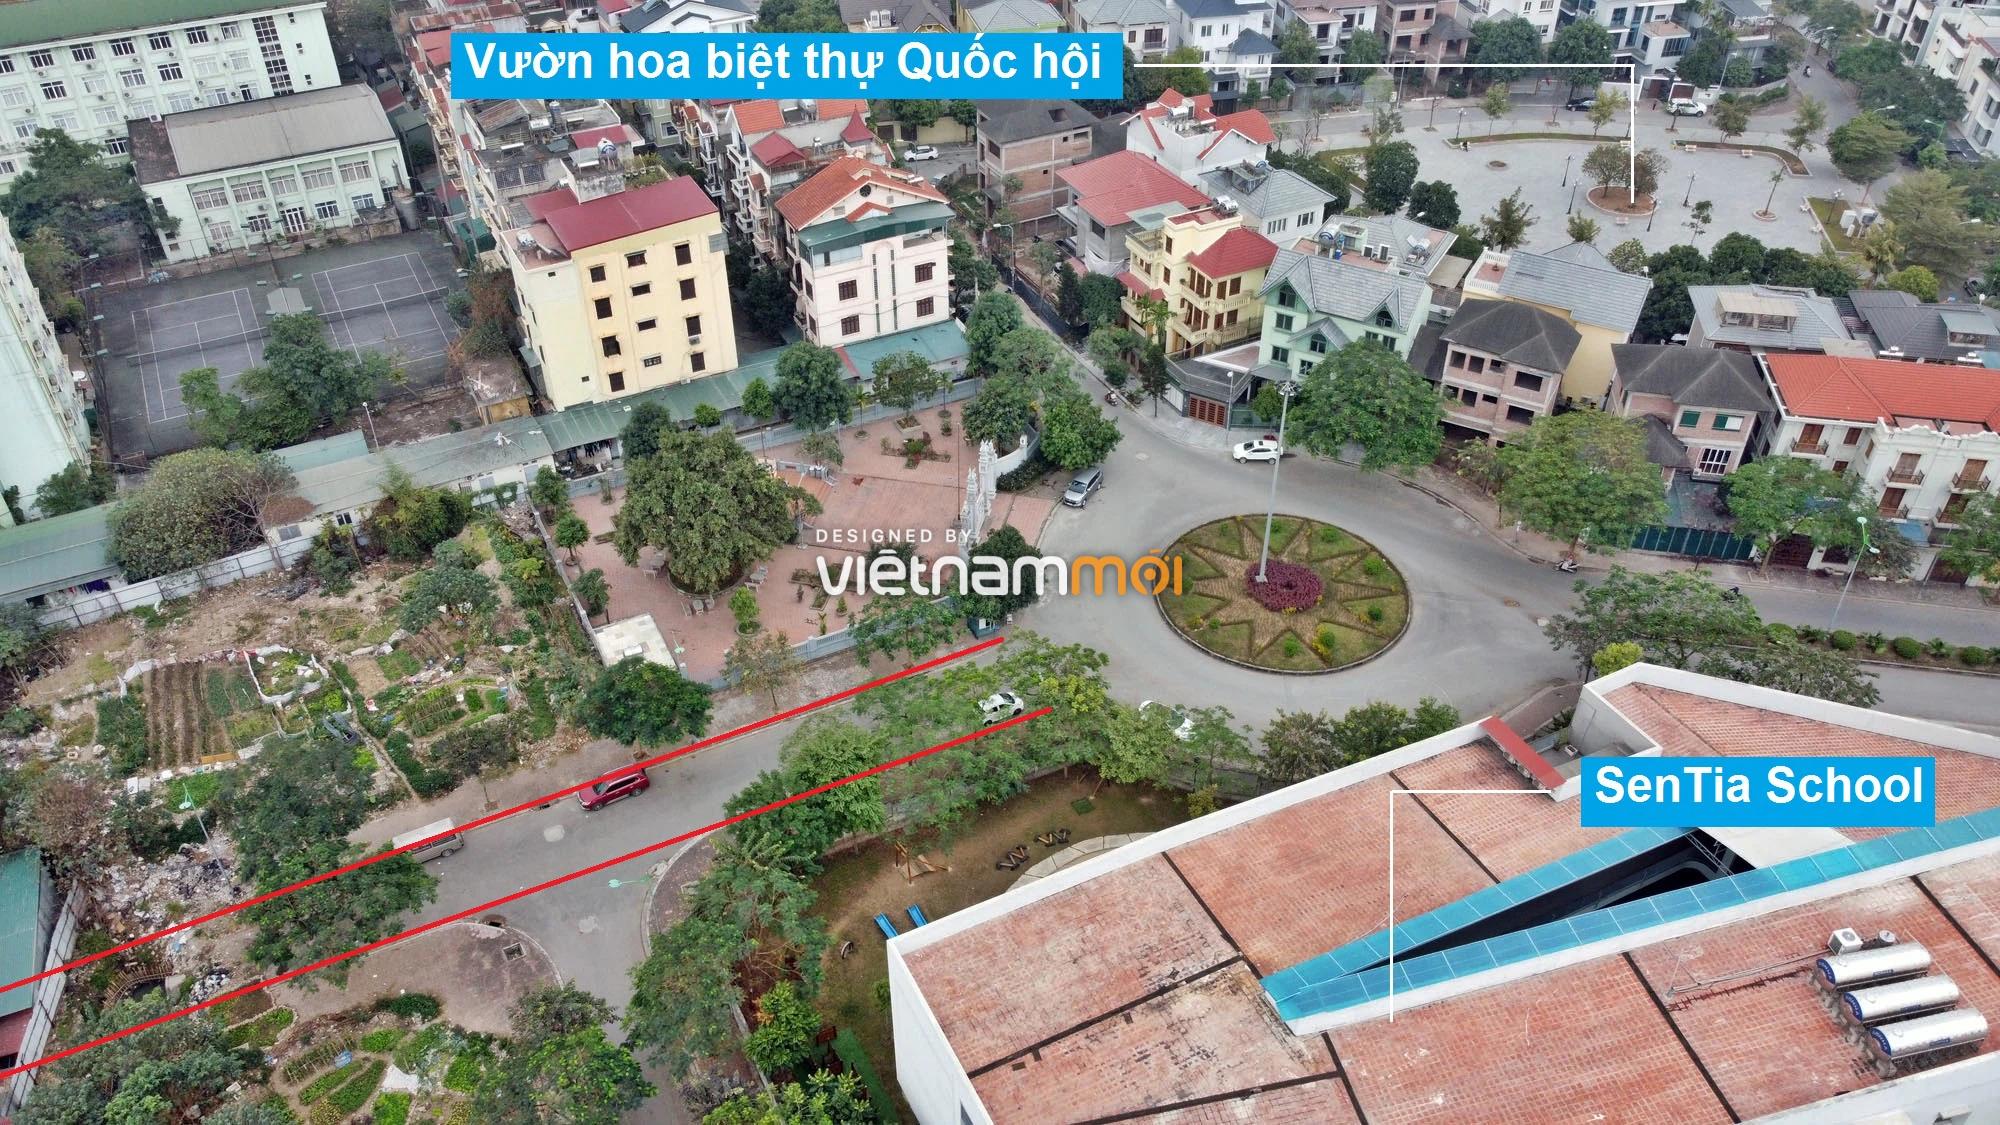 Đường sẽ mở theo quy hoạch ở phường Trung Văn, Nam Từ Liêm, Hà Nội (phần 2) - Ảnh 3.